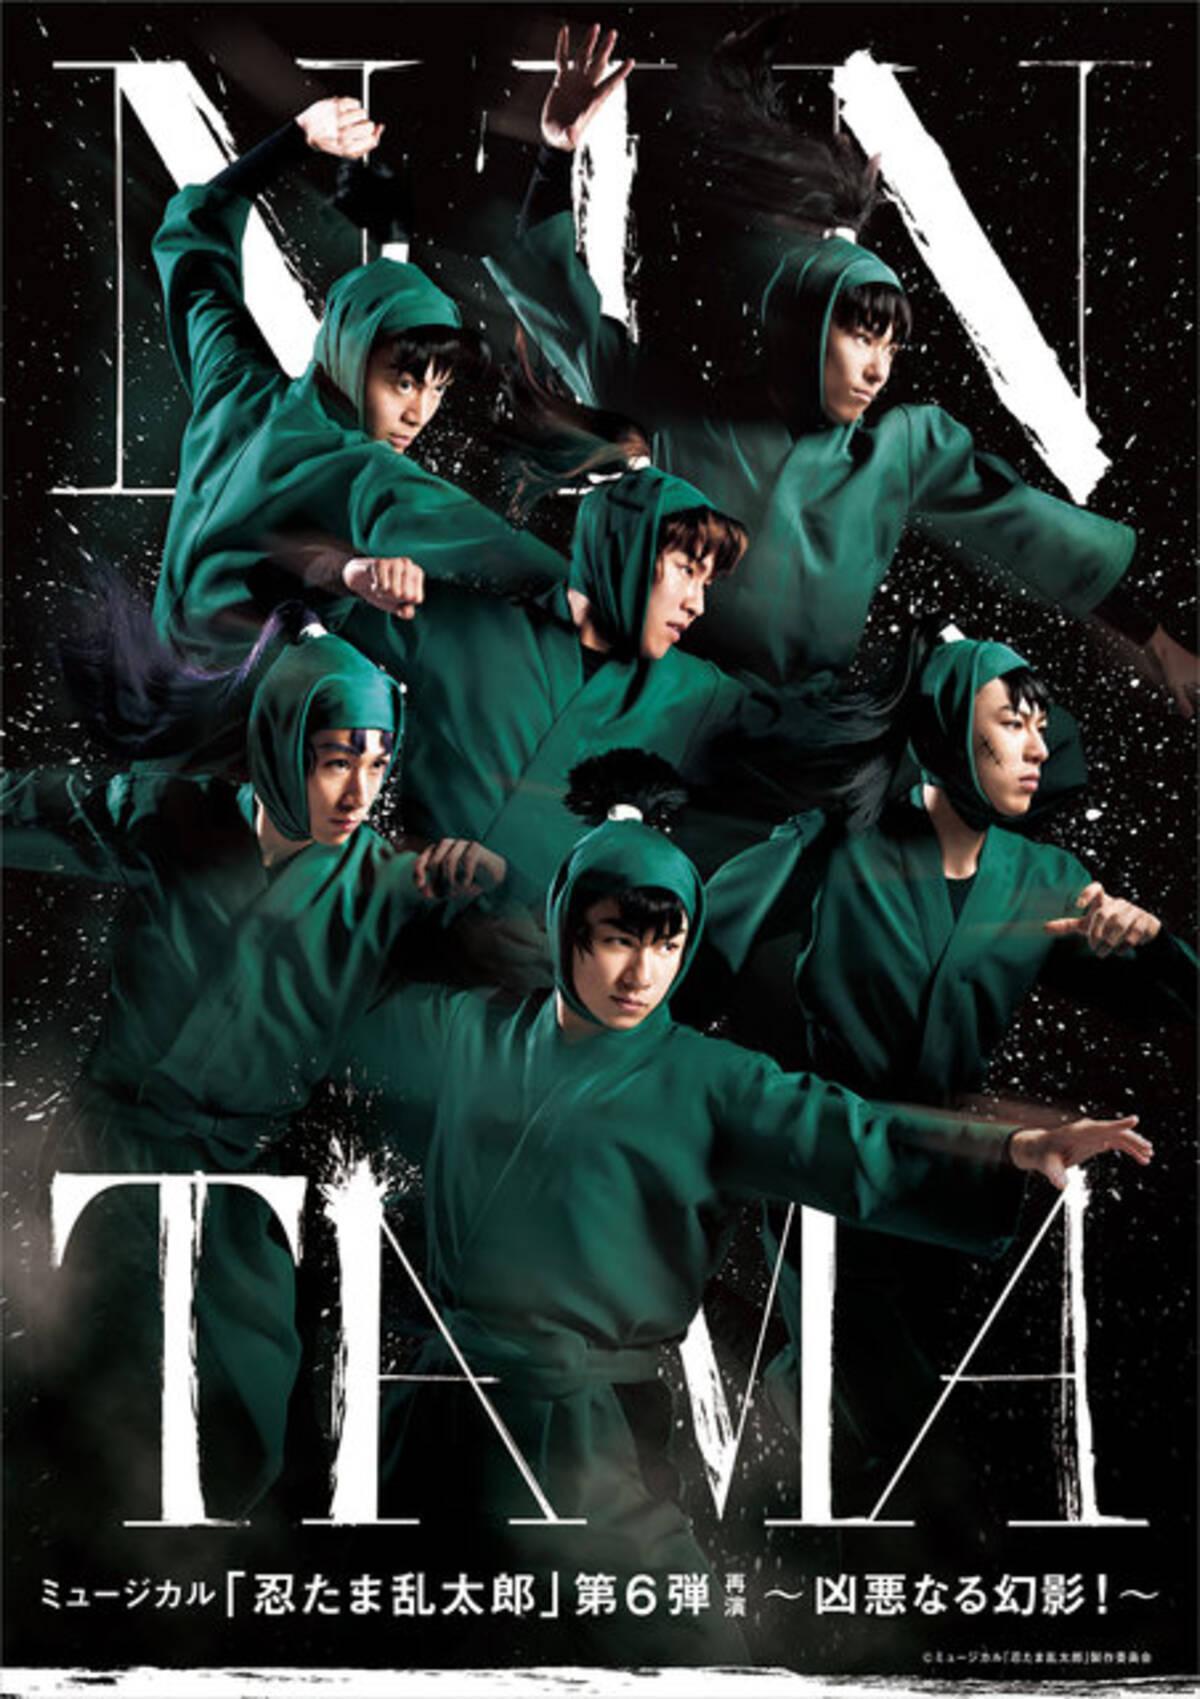 大盛況から約半年 ミュージカル 忍たま乱太郎 第6弾の再演決定 15年4月21日 エキサイトニュース